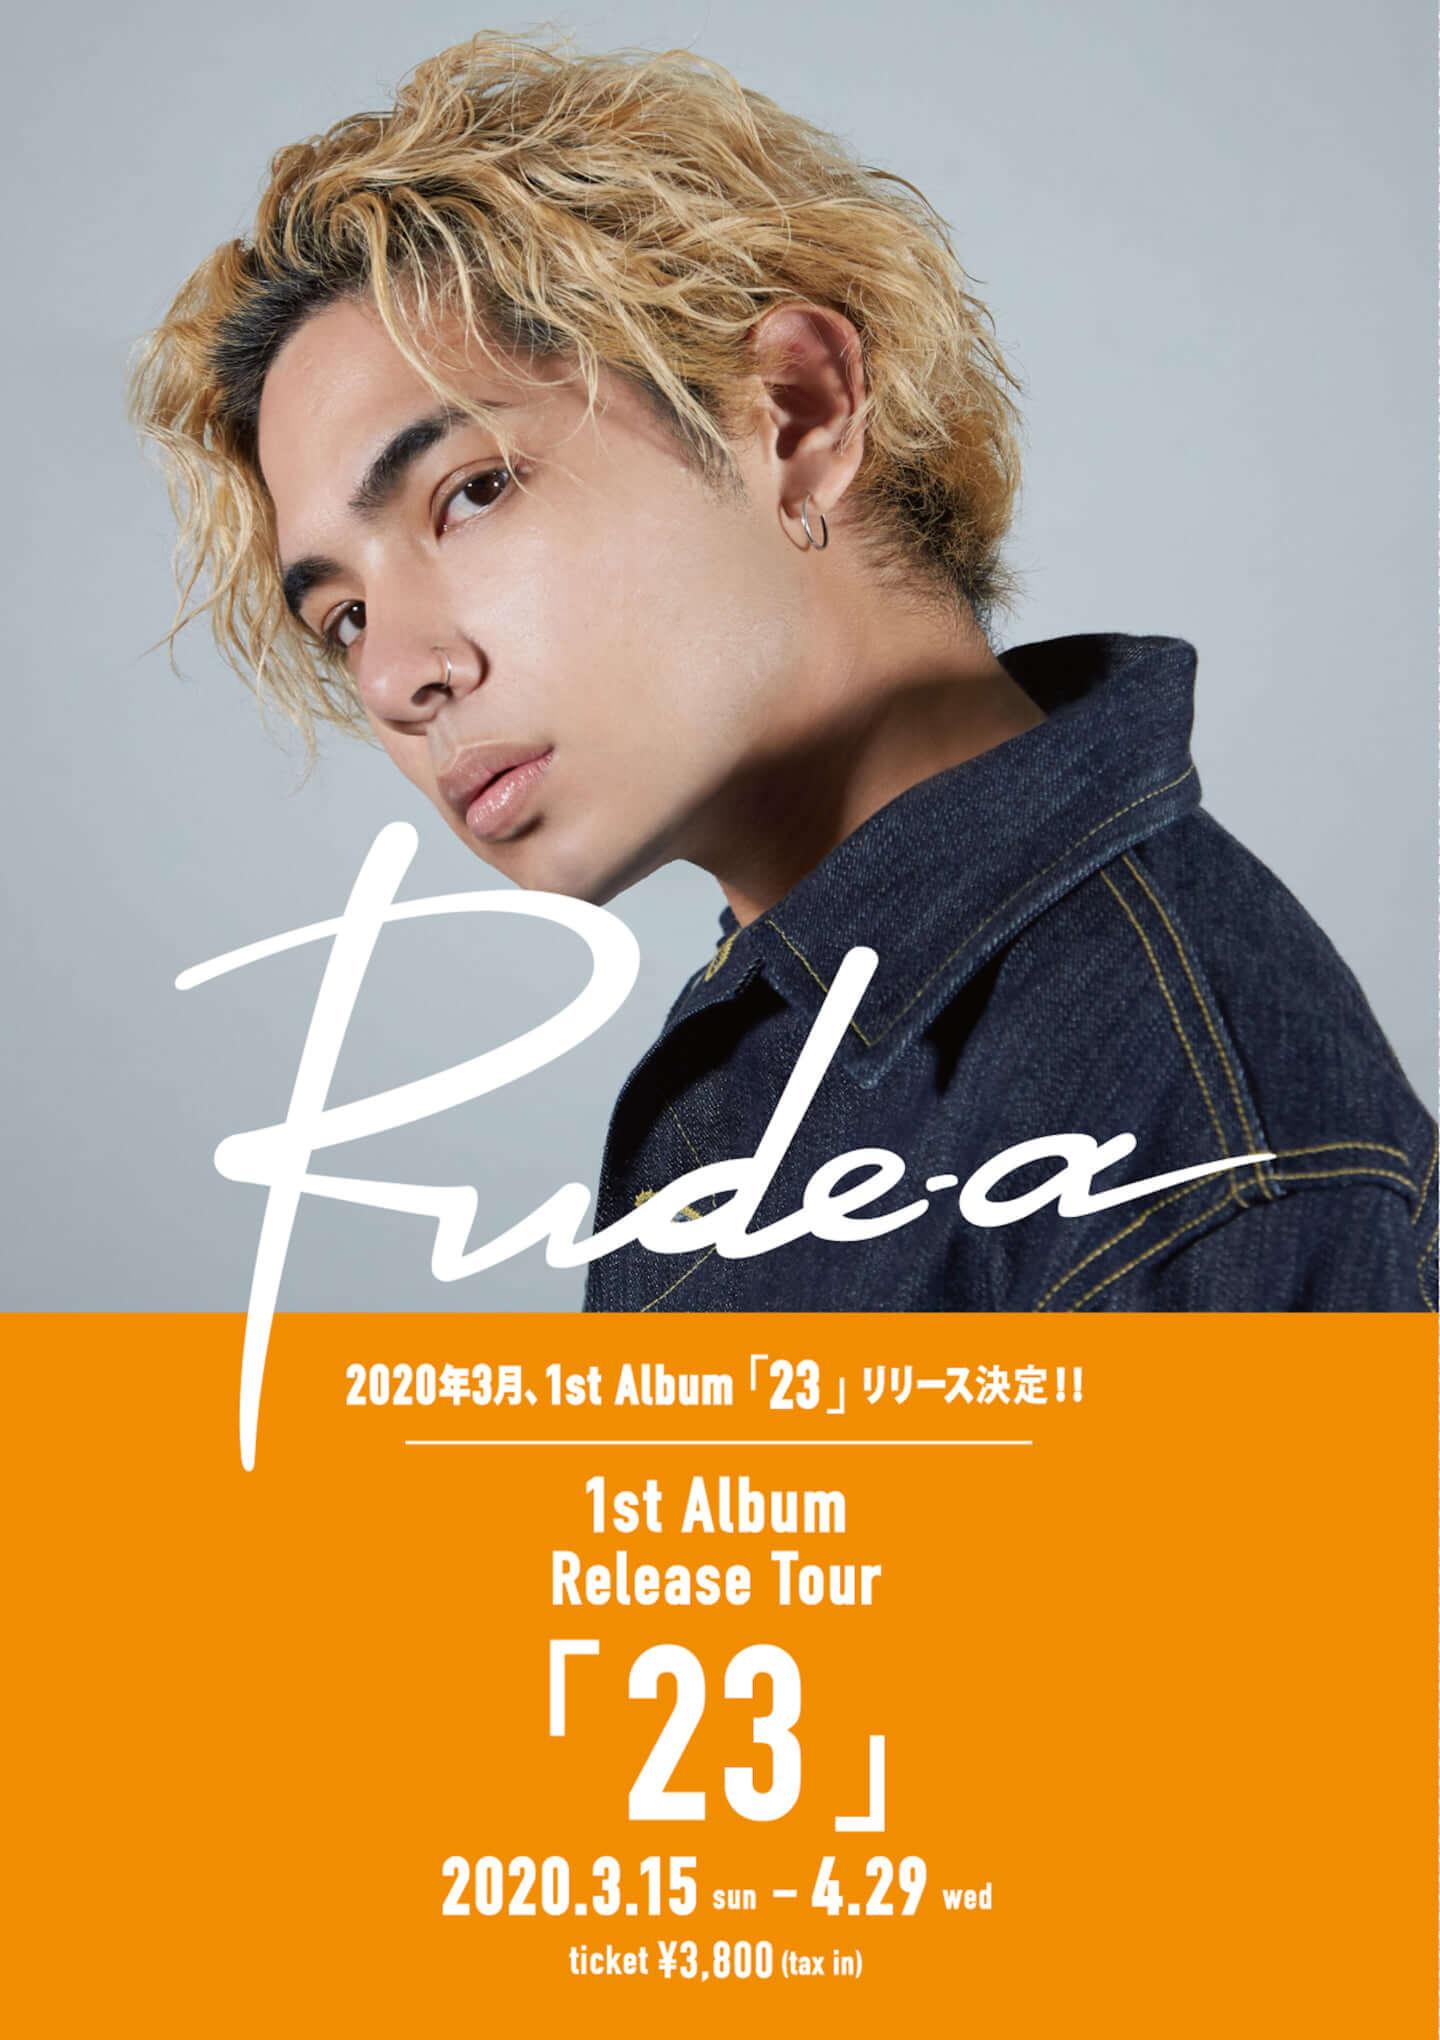 ラッパーのRude-αが2020年3月に1stアルバム『23』リリース決定|アルバム引っ提げ初の全国ツアーも開催 music191128_rudea_23_02-1440x2040